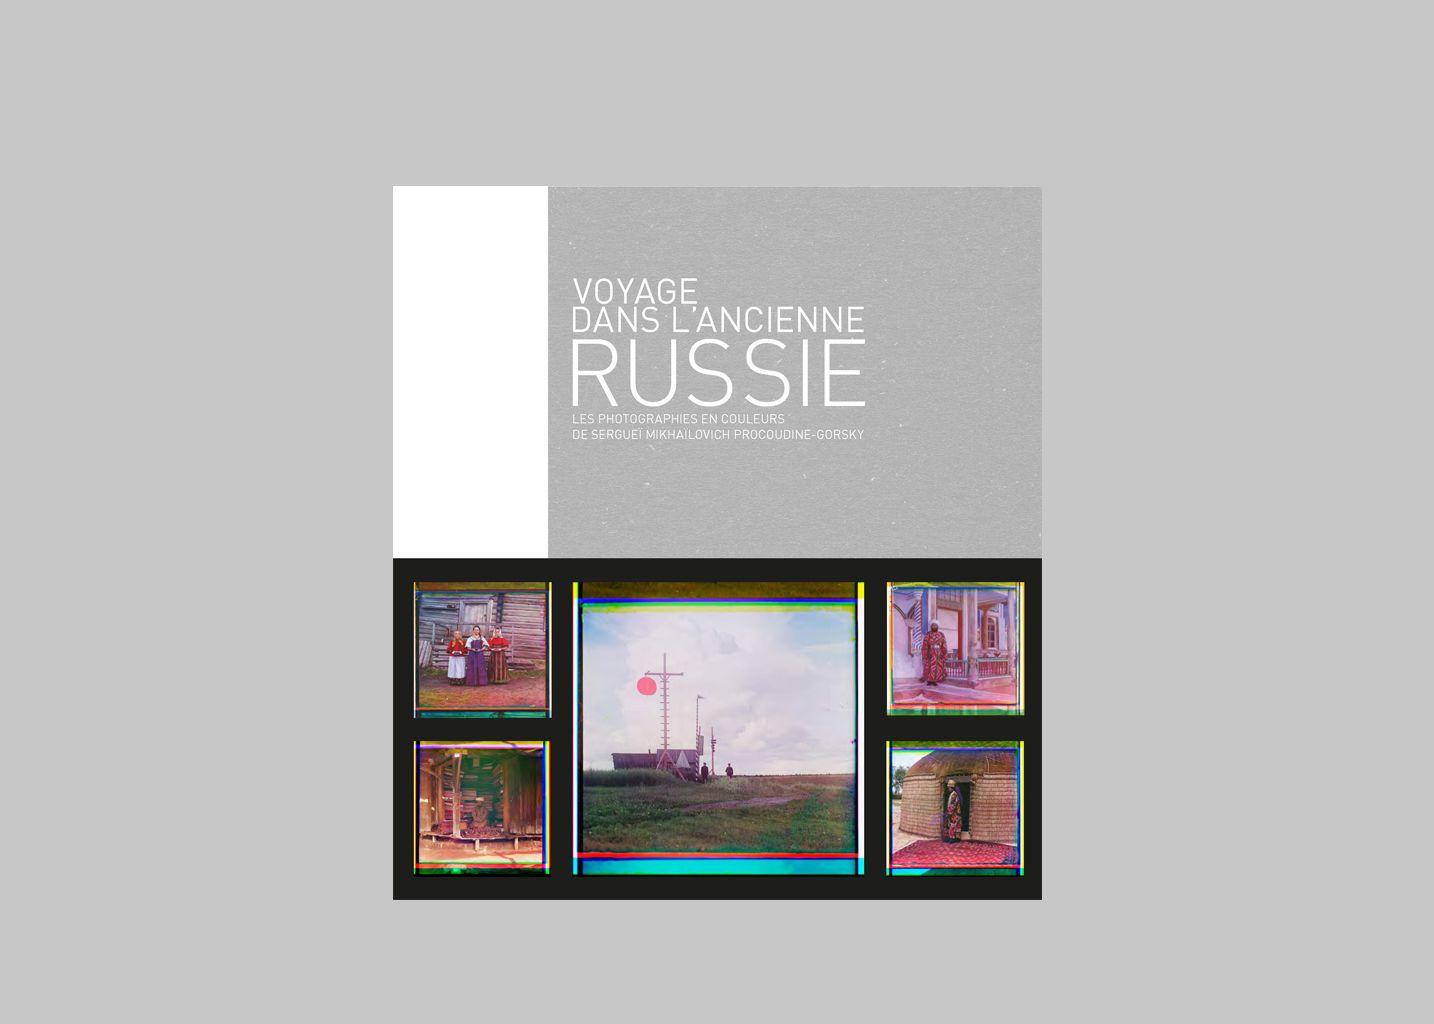 Voyage dans l'ancienne Russie - La Librairie